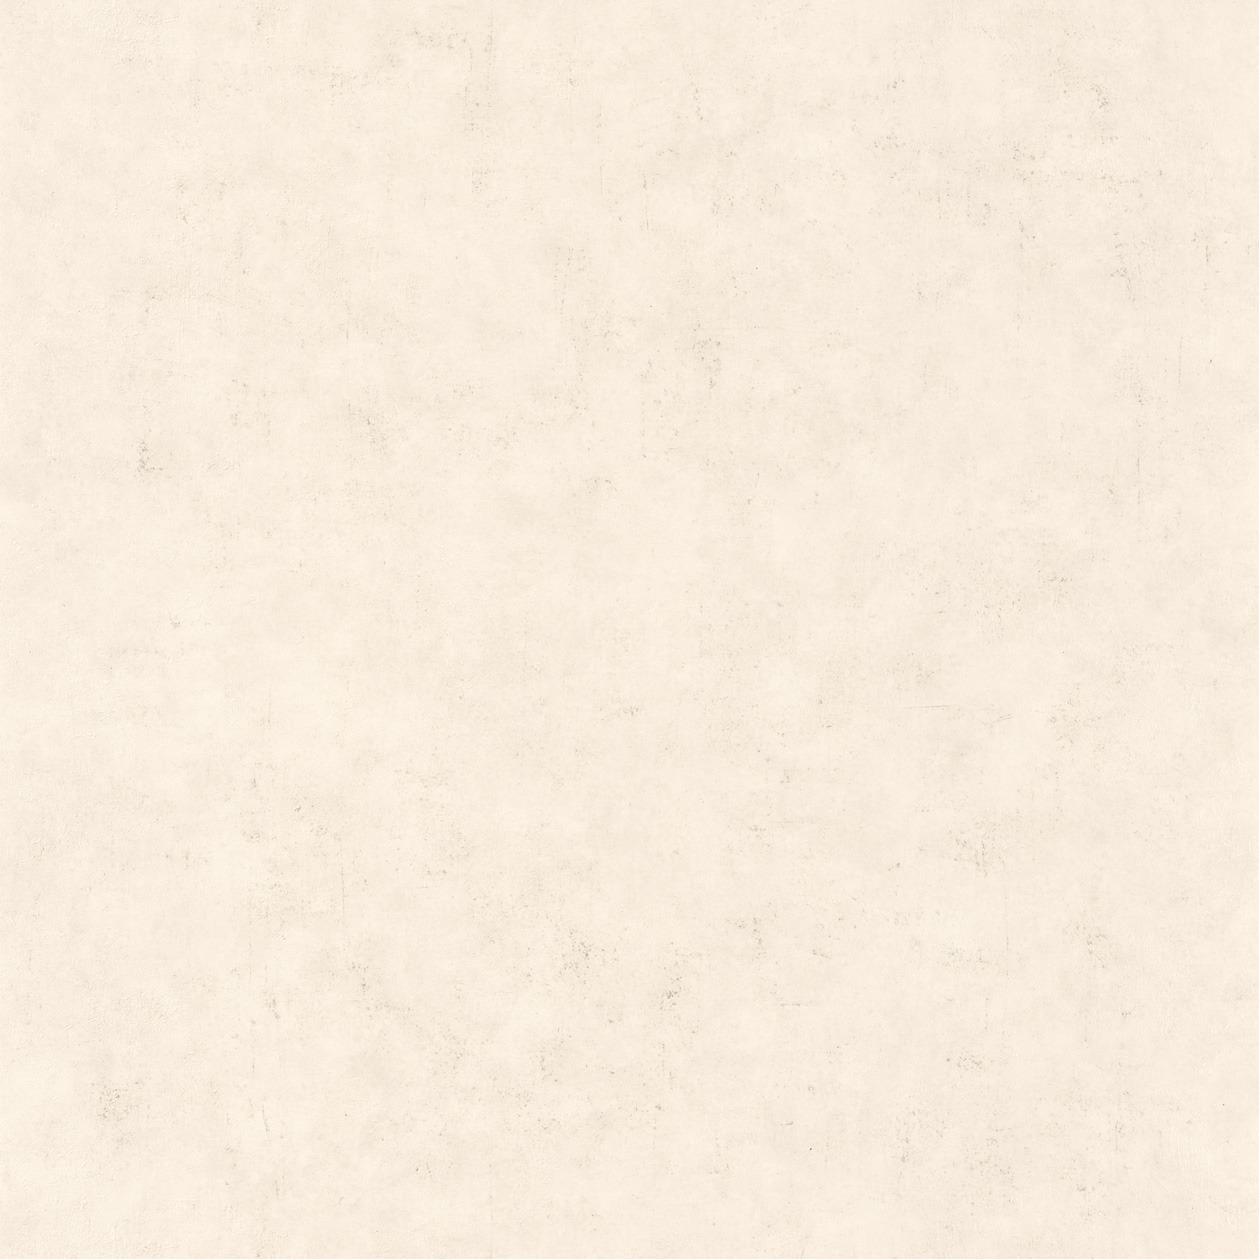 Обои Caselio Beton 0,53 см. 101481258